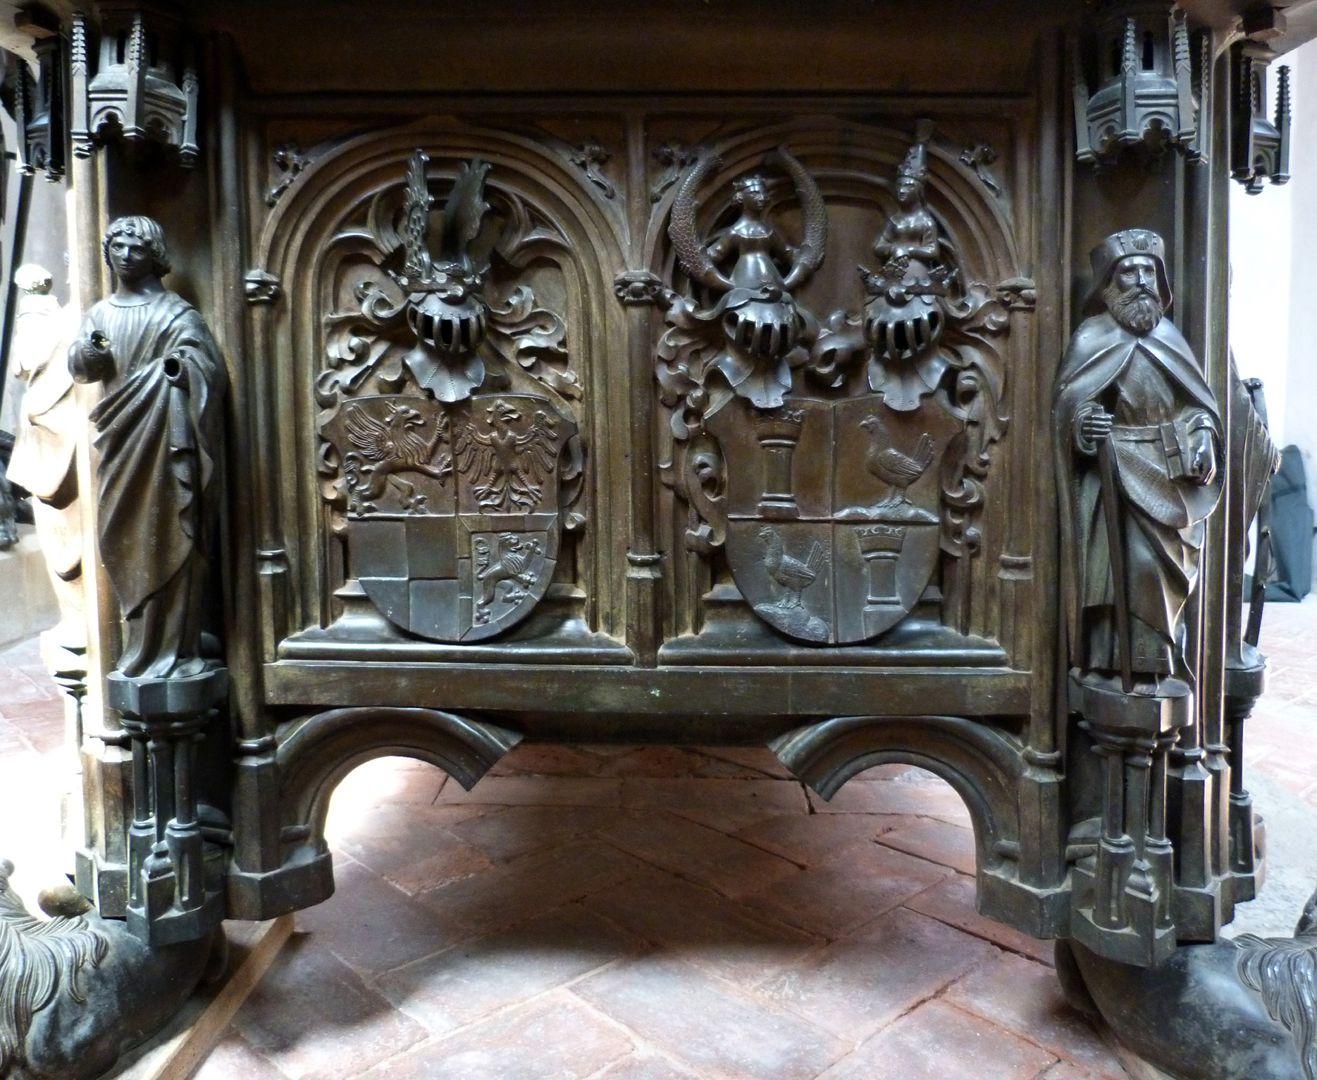 Tumba des Ehepaares Hermann und Elisabeth von Henneberg Schmalseite des Grabkopfes